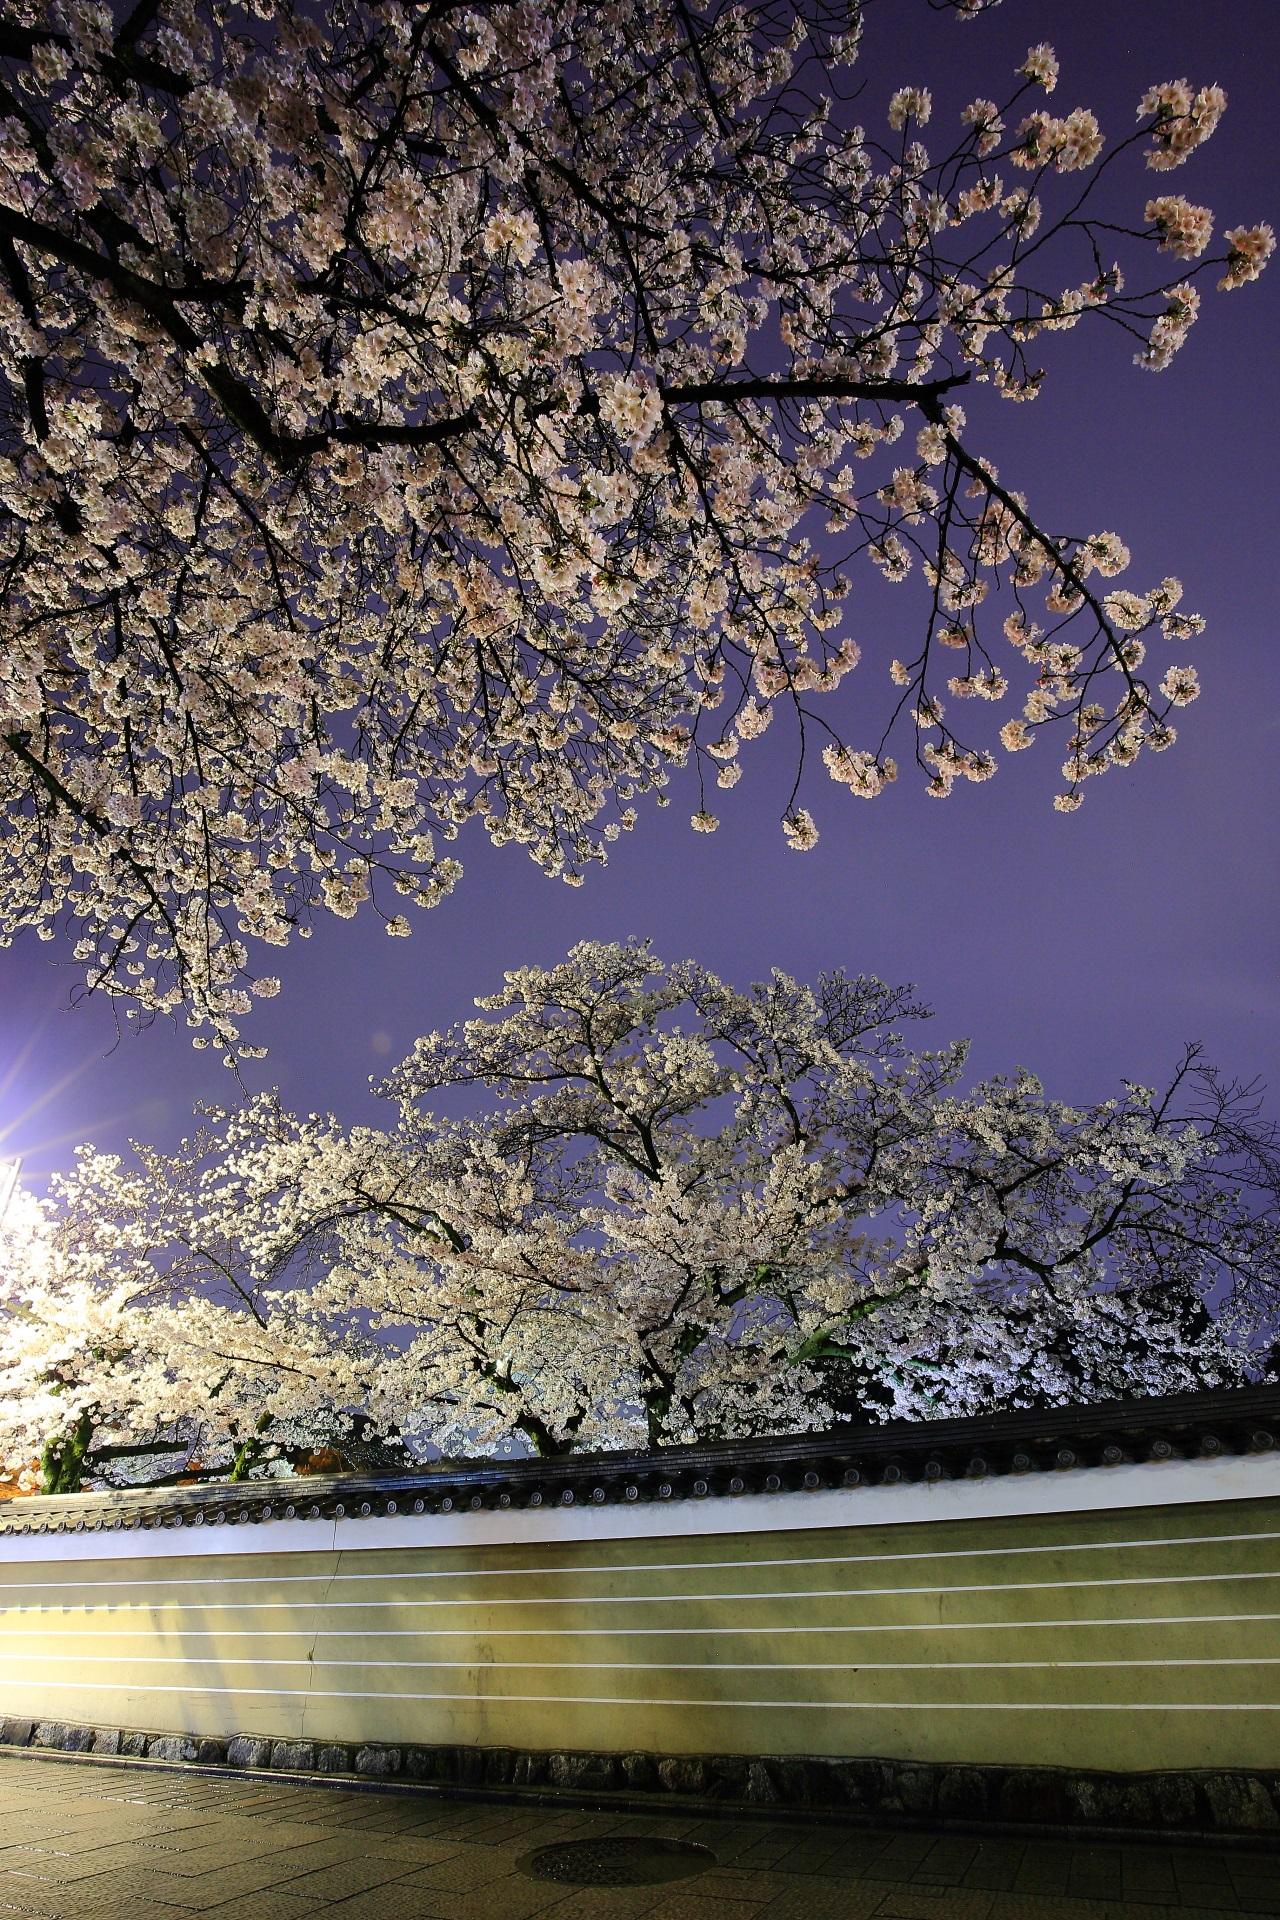 淡い街灯の明りに照らされて夜空を豪快に彩る桜